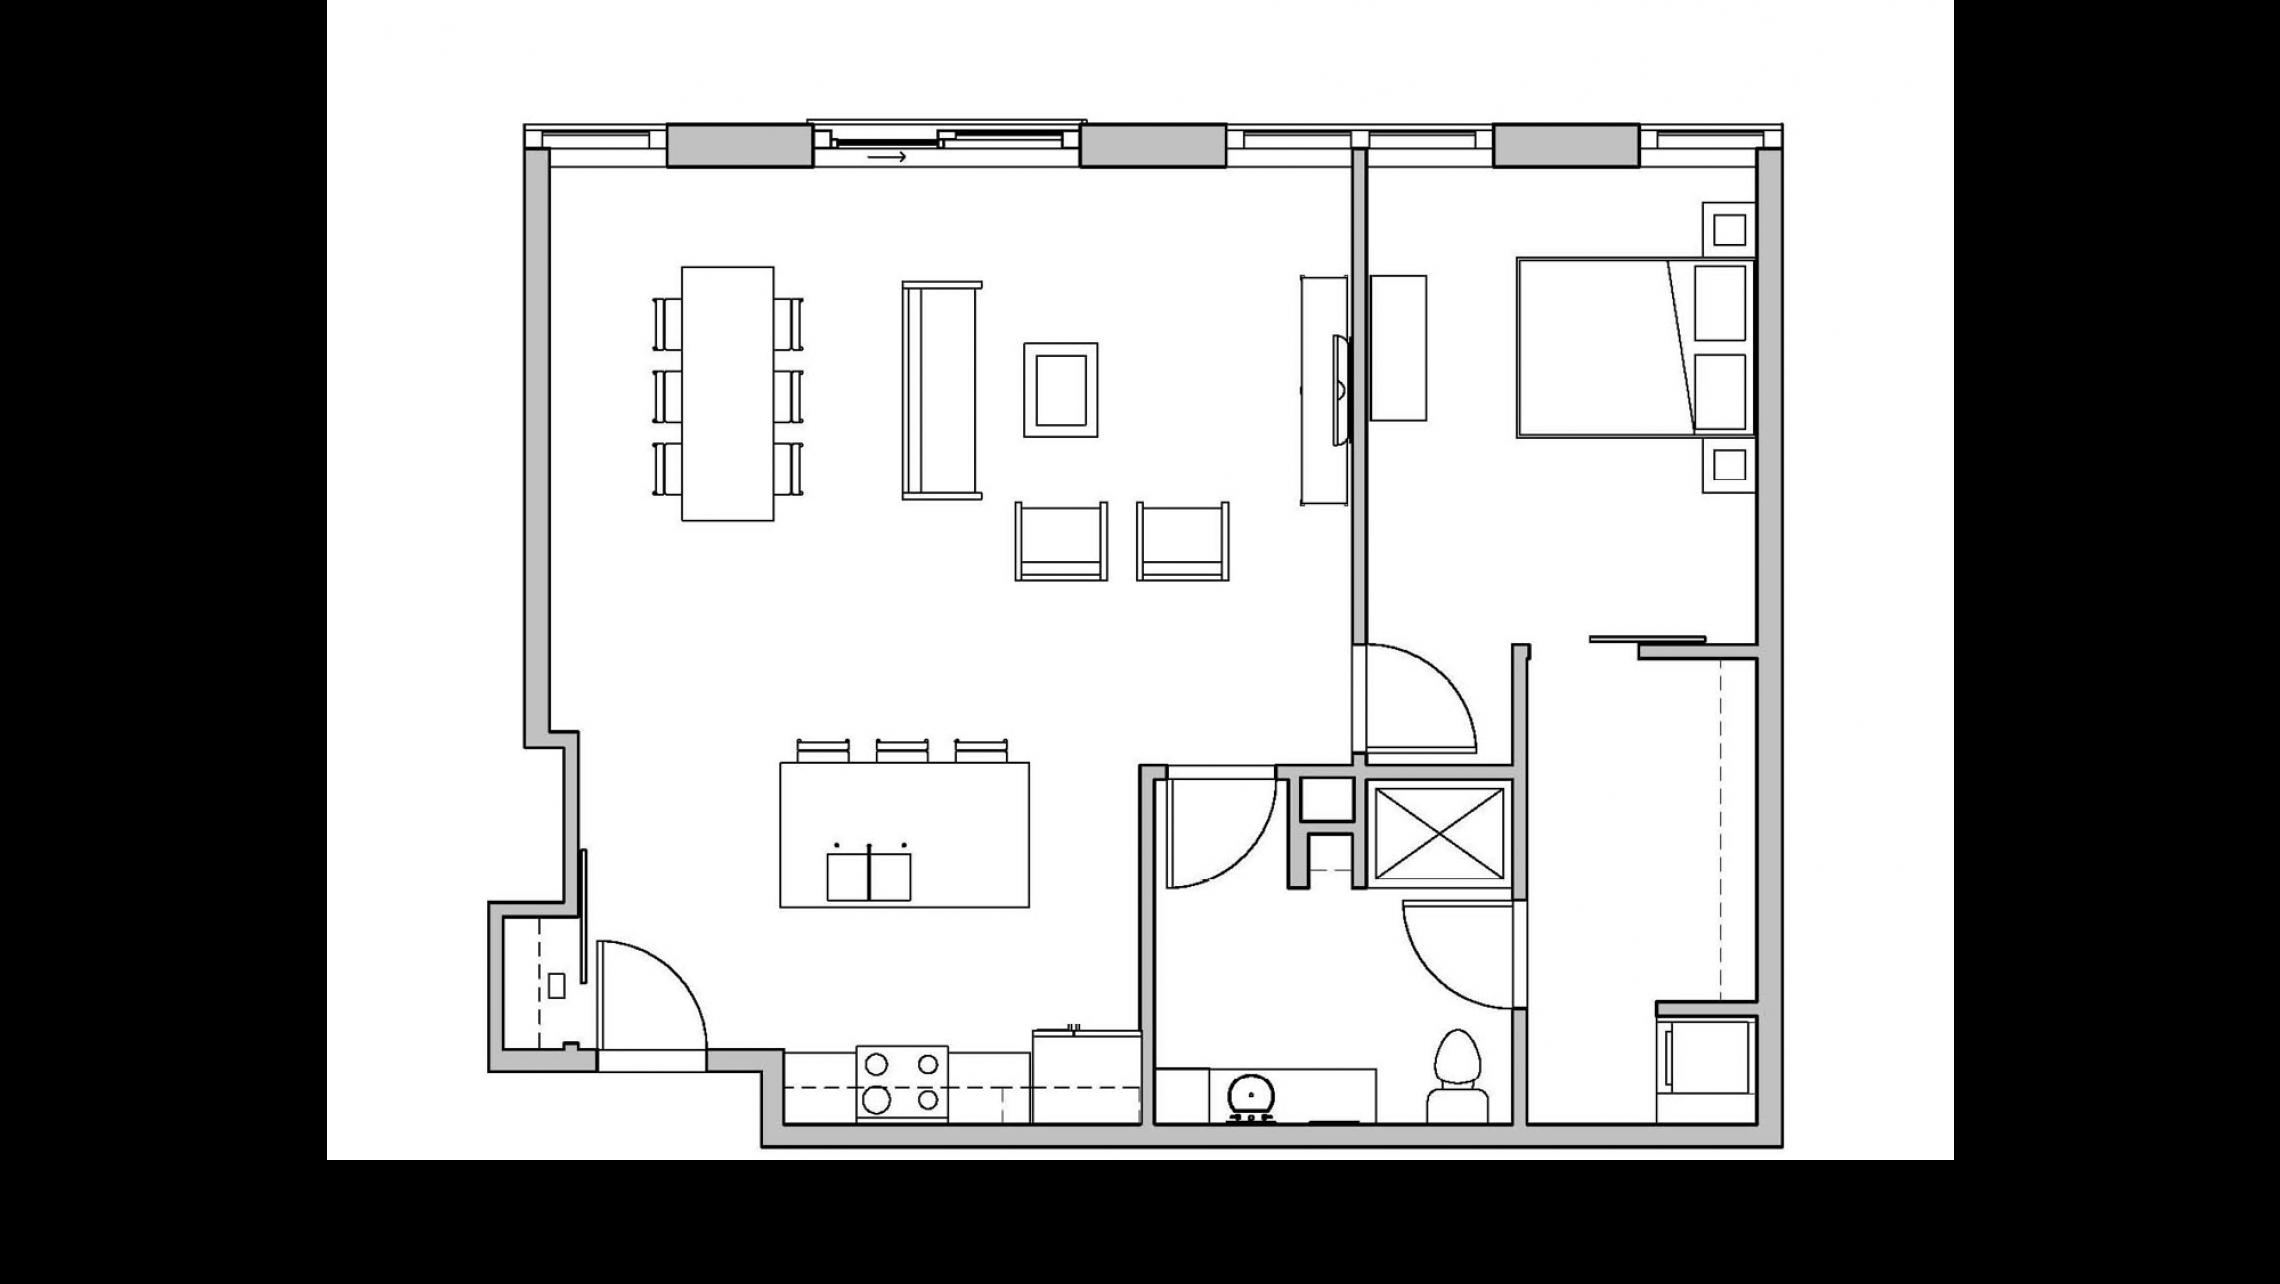 ULI Seven27 216 - One Bedroom, One Bathroom